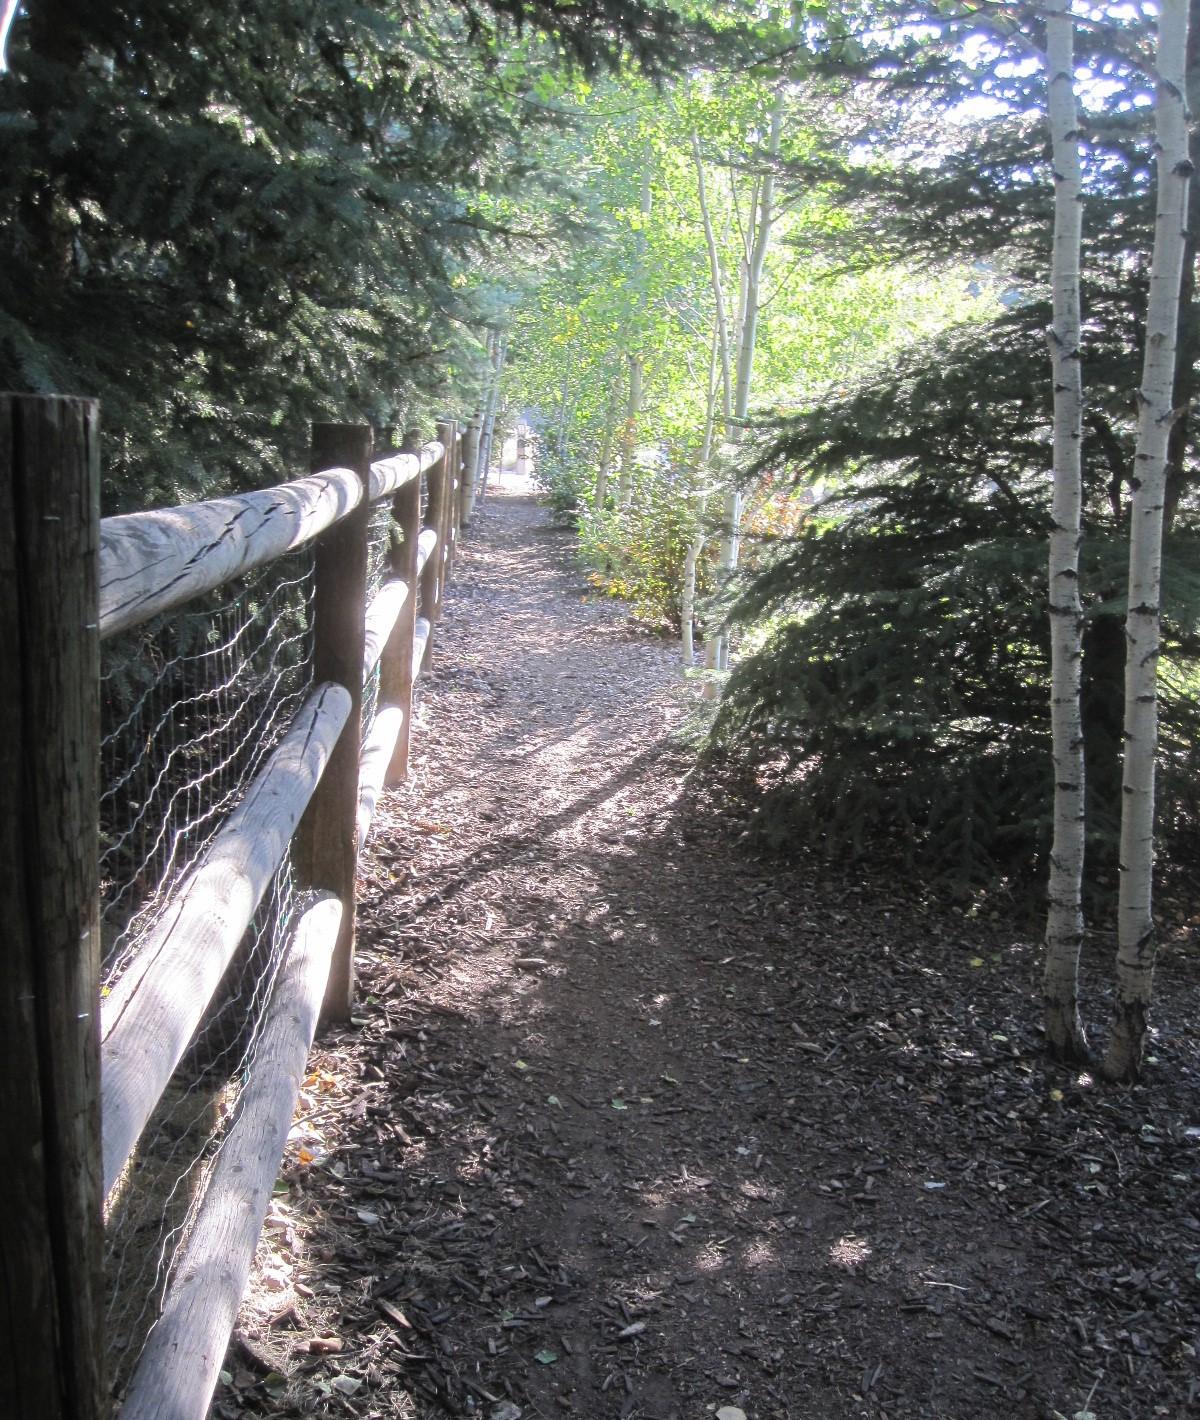 Silver Springs Silvers: Silver Springs Community-Walkway Willow Loop To Silver